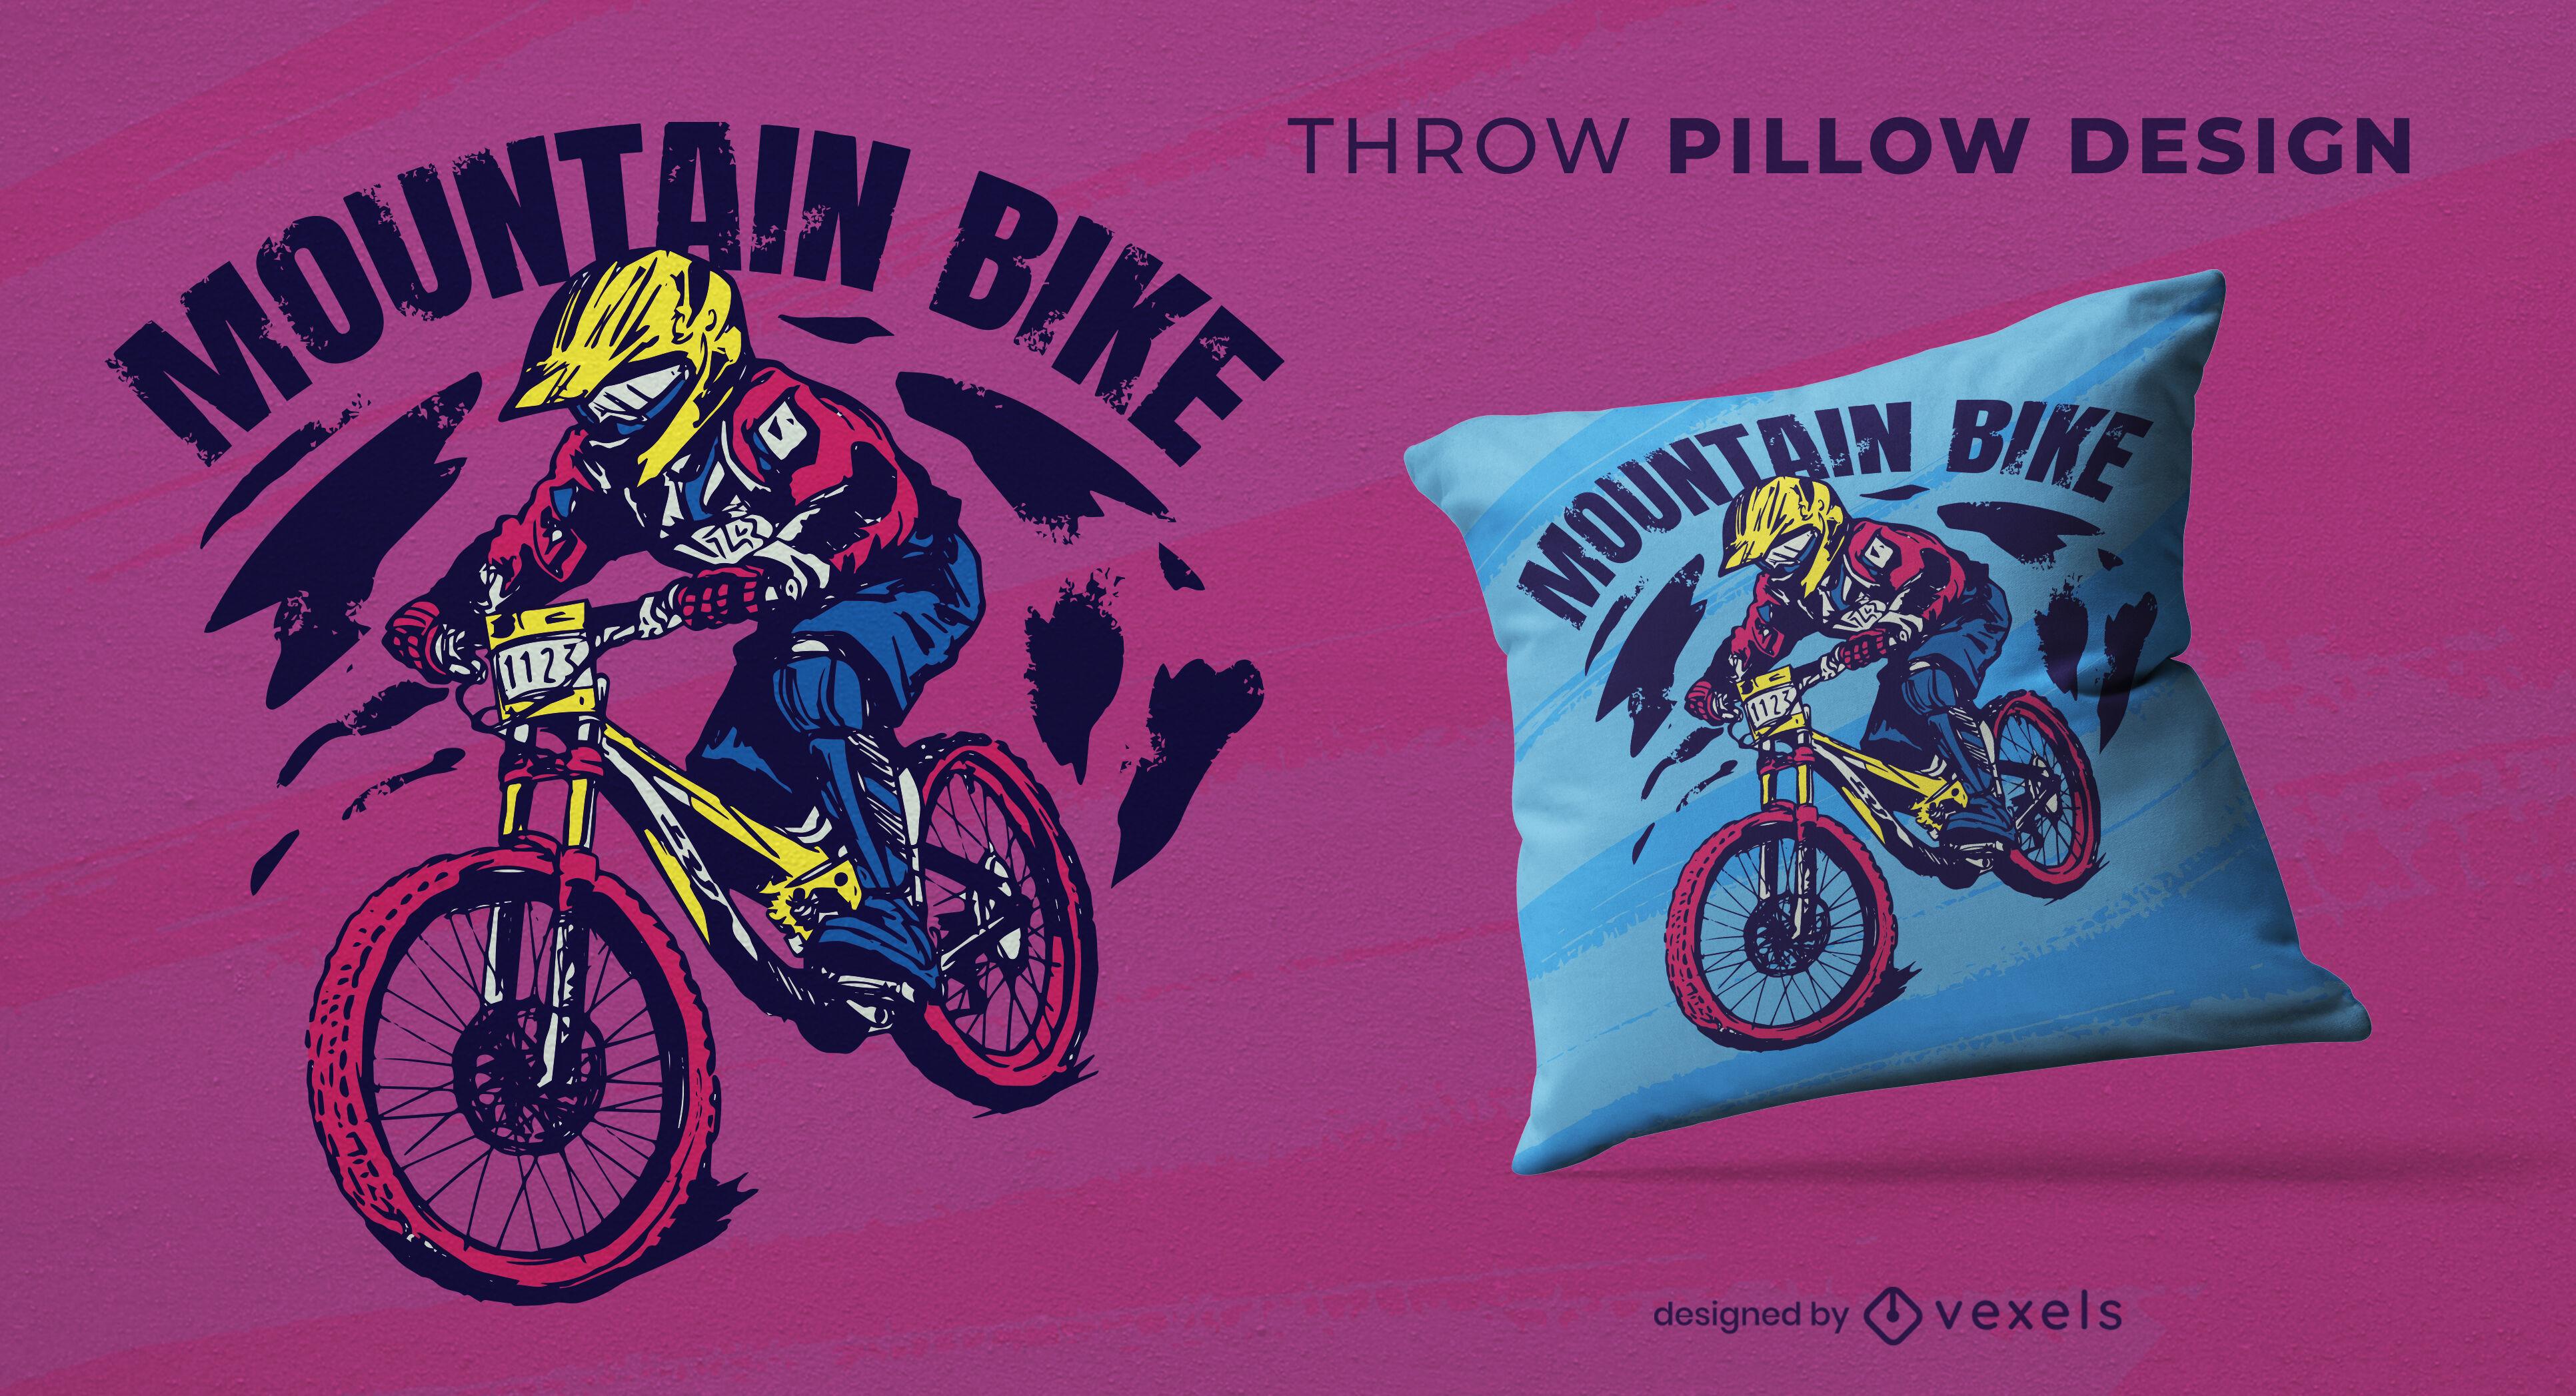 Mountain bike throw pillow design